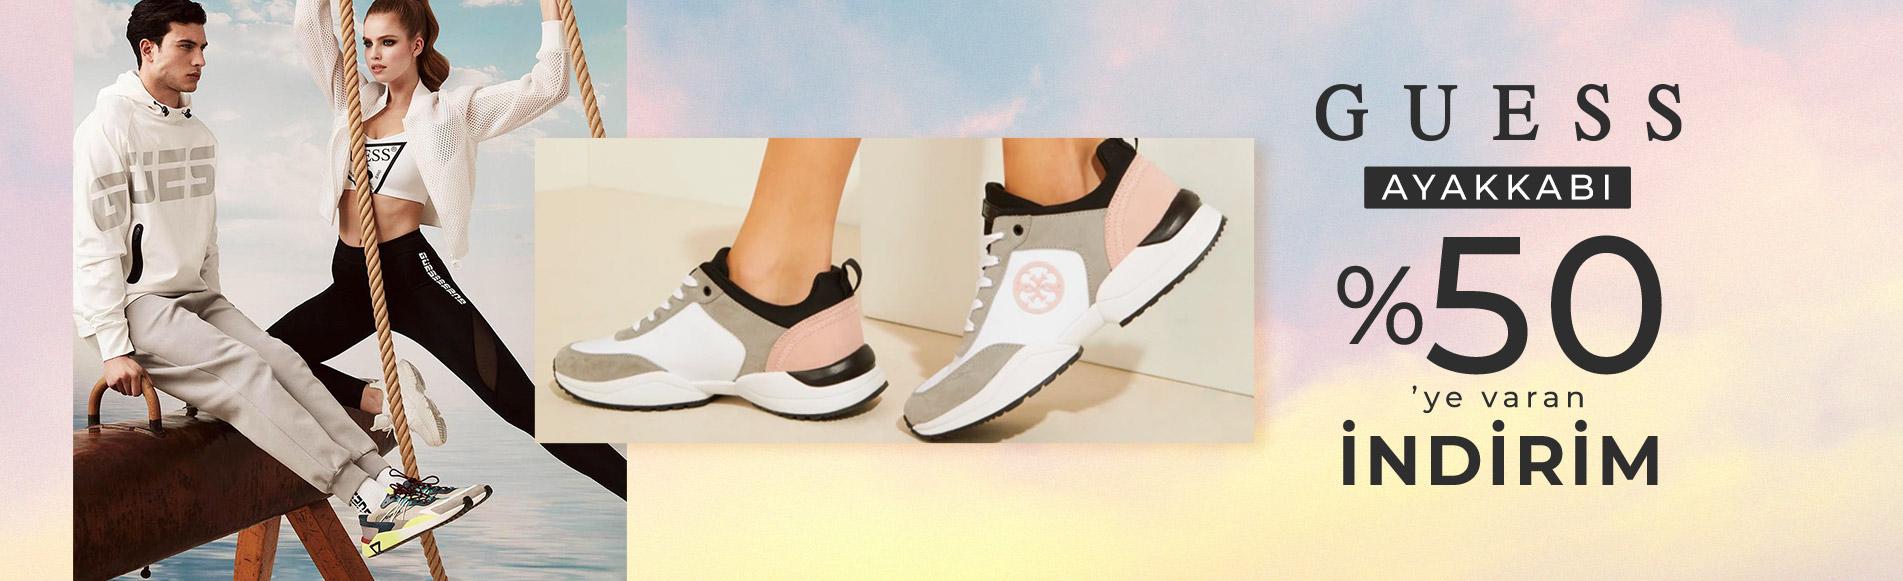 Guess - Ayakkabı